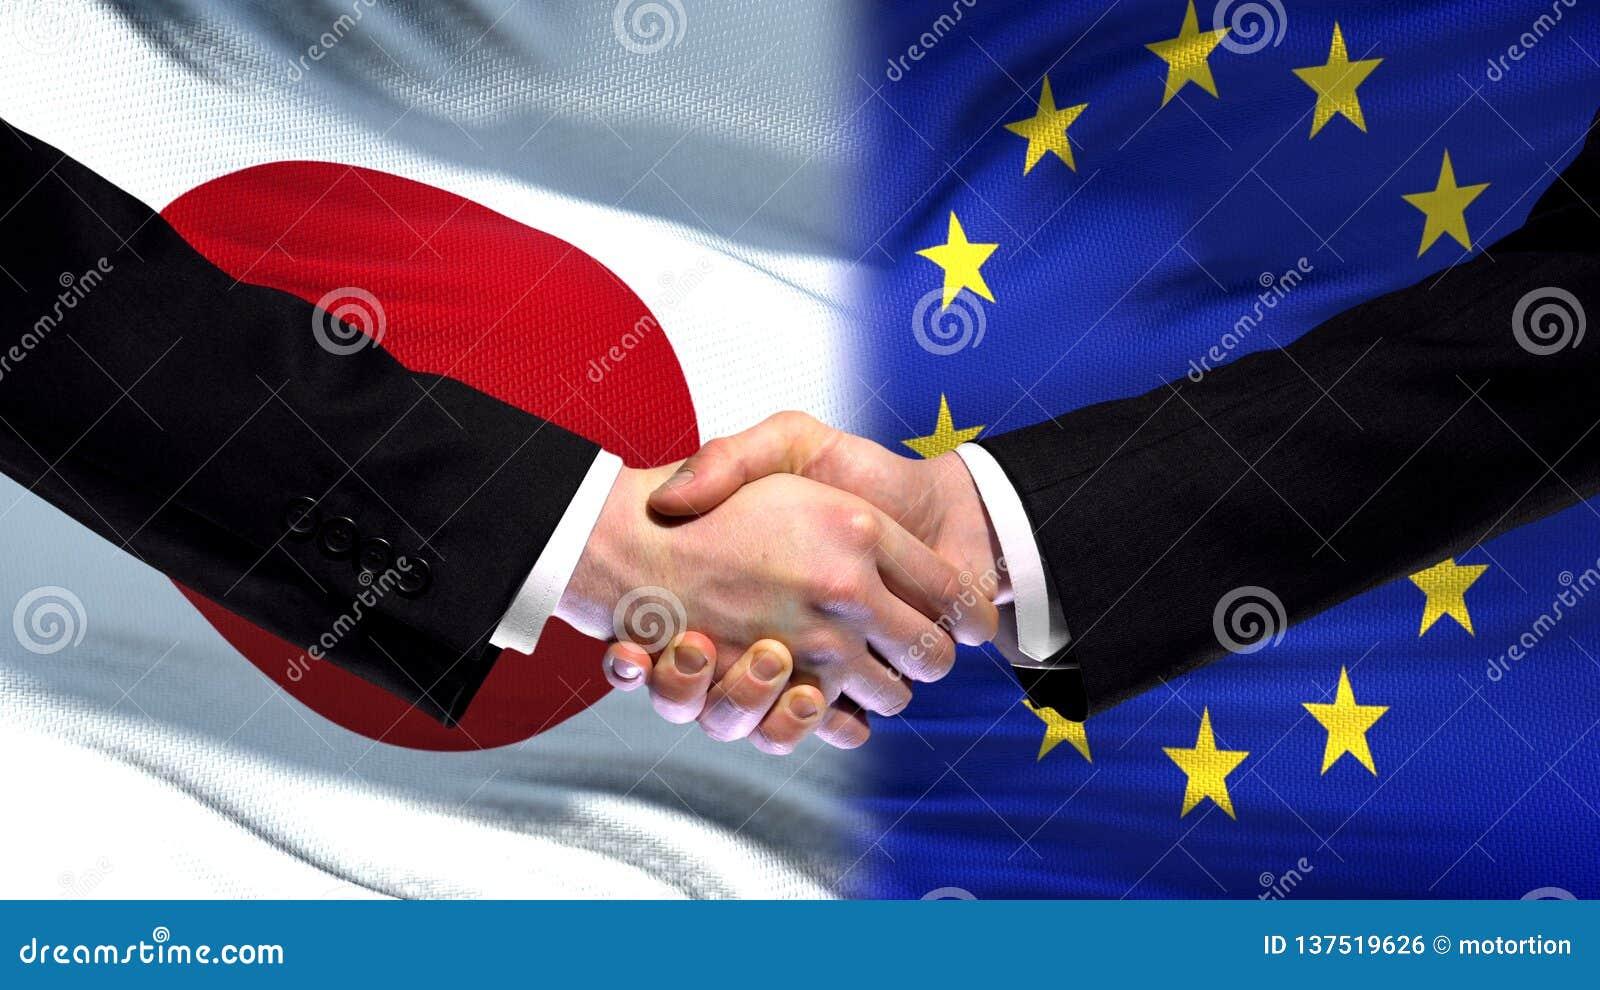 Рукопожатие Японии и Европейского союза, международное приятельство, предпосылка флага